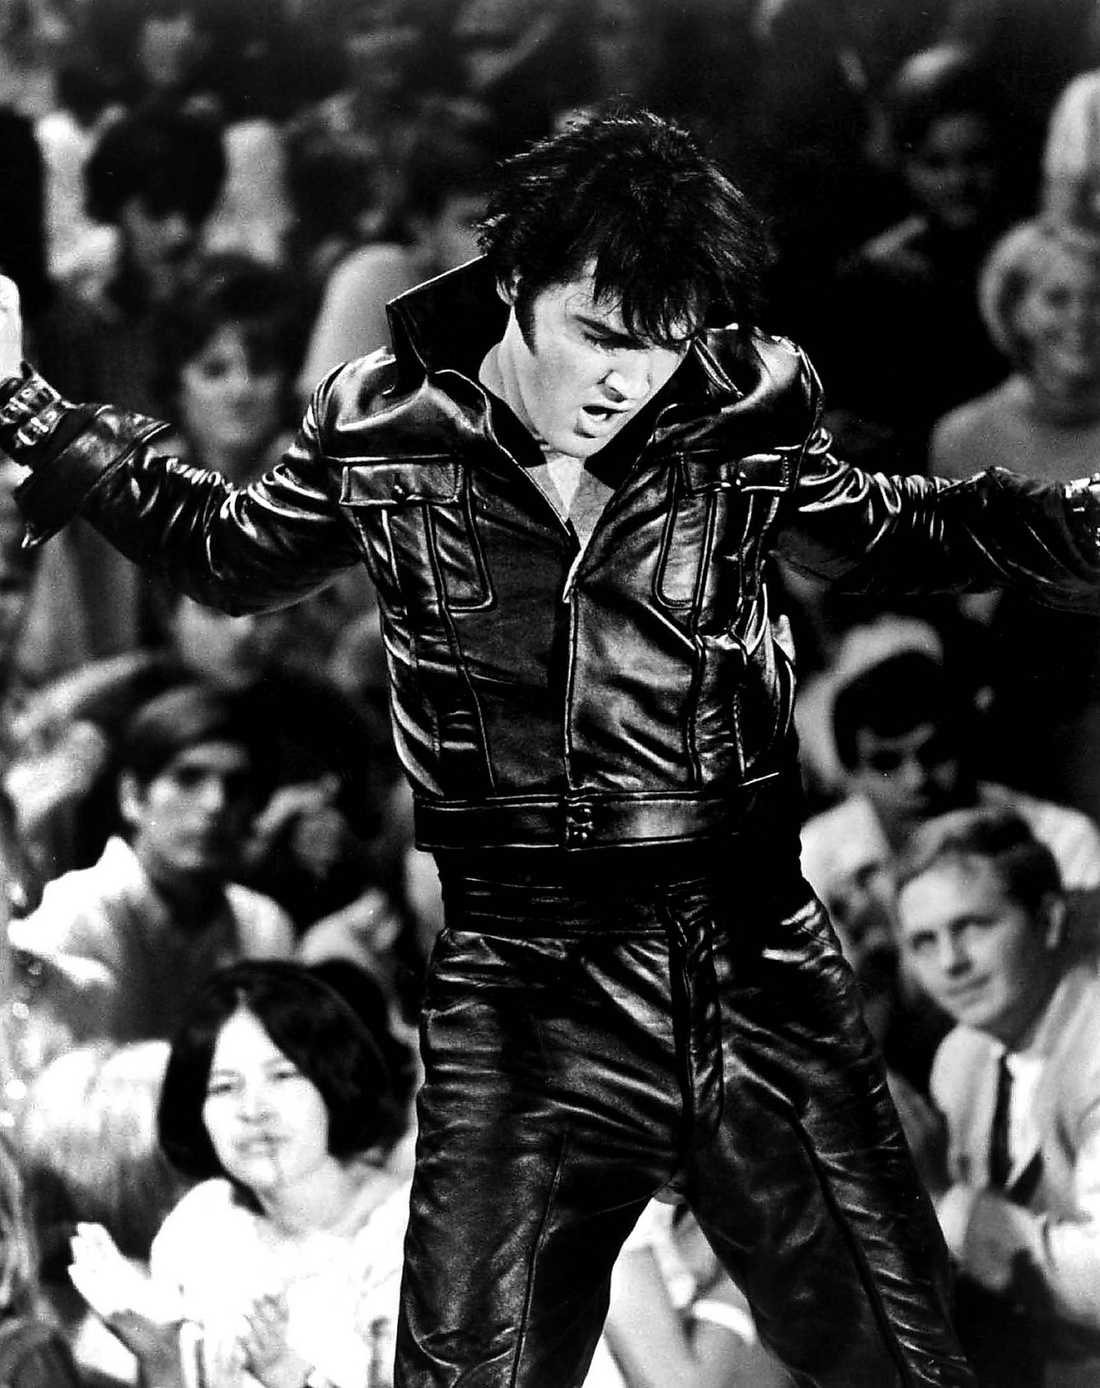 STÄMMER DÖDSBOET Svenska Lisa Johansen, 45, har länge hävdat att hon är Elvis Presleys dotter. Efter att ha kallats för en bluff av familjen Presley, med Priscilla och Lisa Marie i spetsen, stämmer hon nu dödsboet på 880 miljoner kronor.